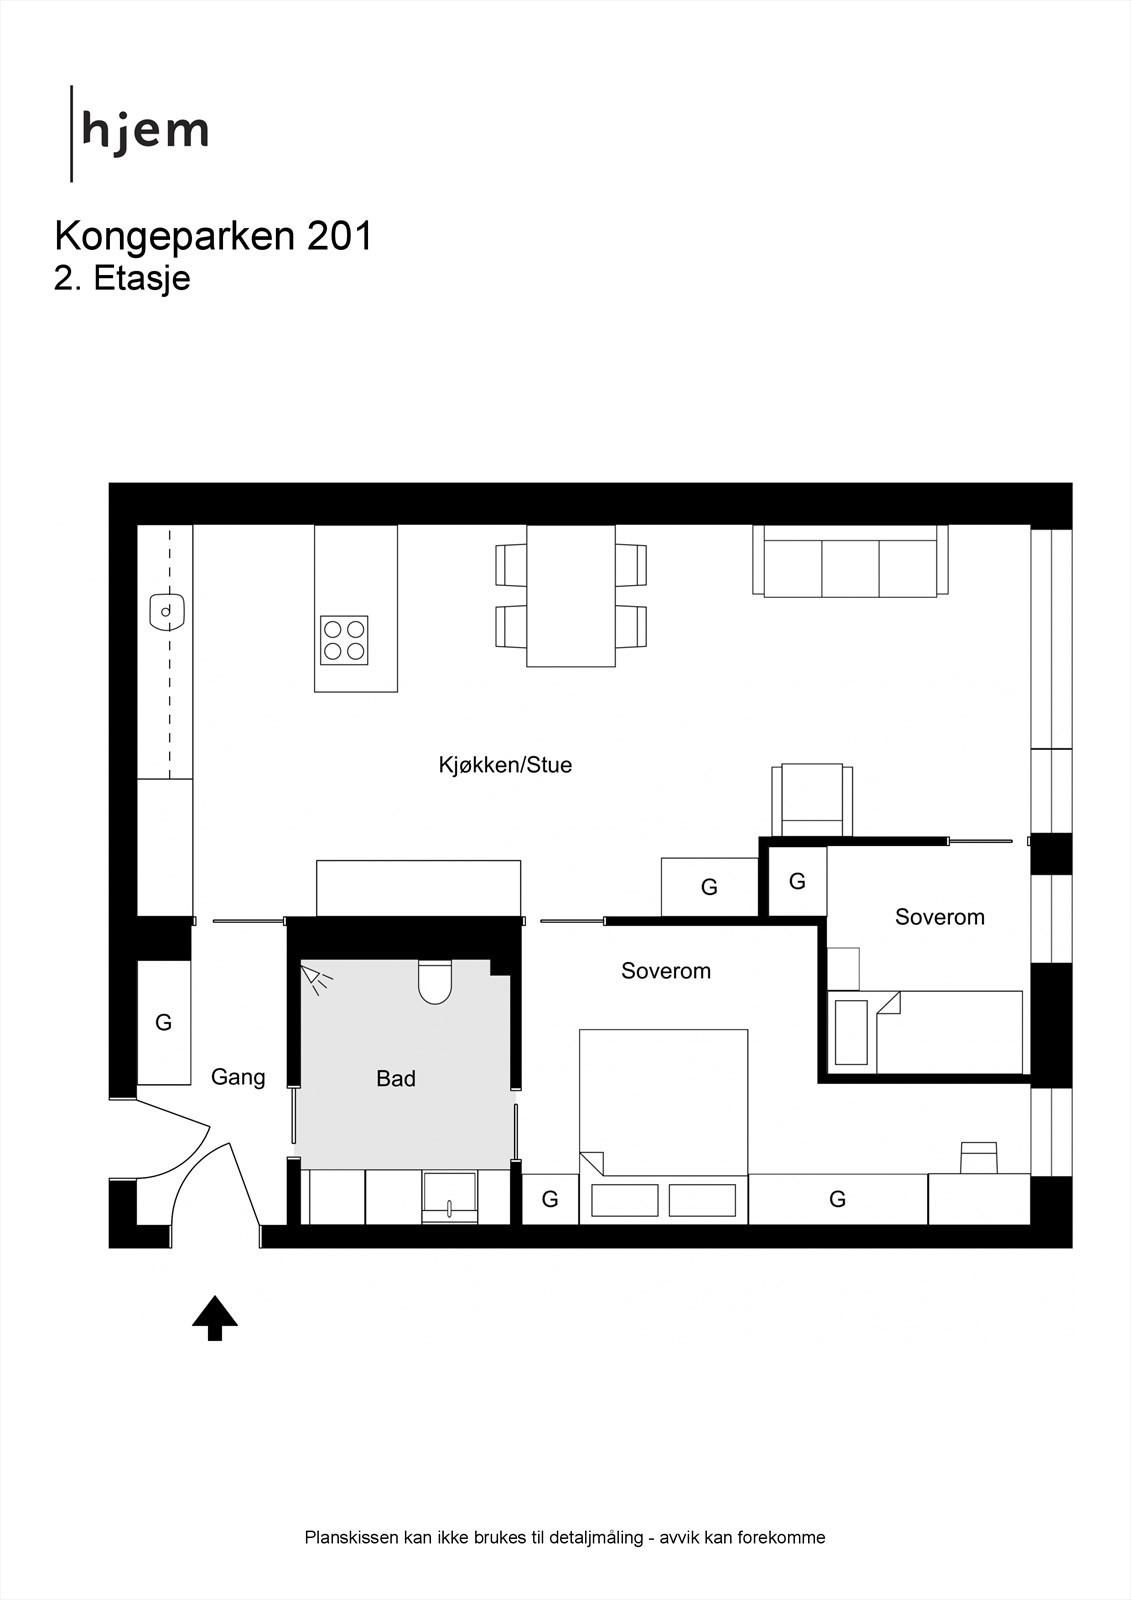 Kongeparken 201 - 2D - 2. Etasje